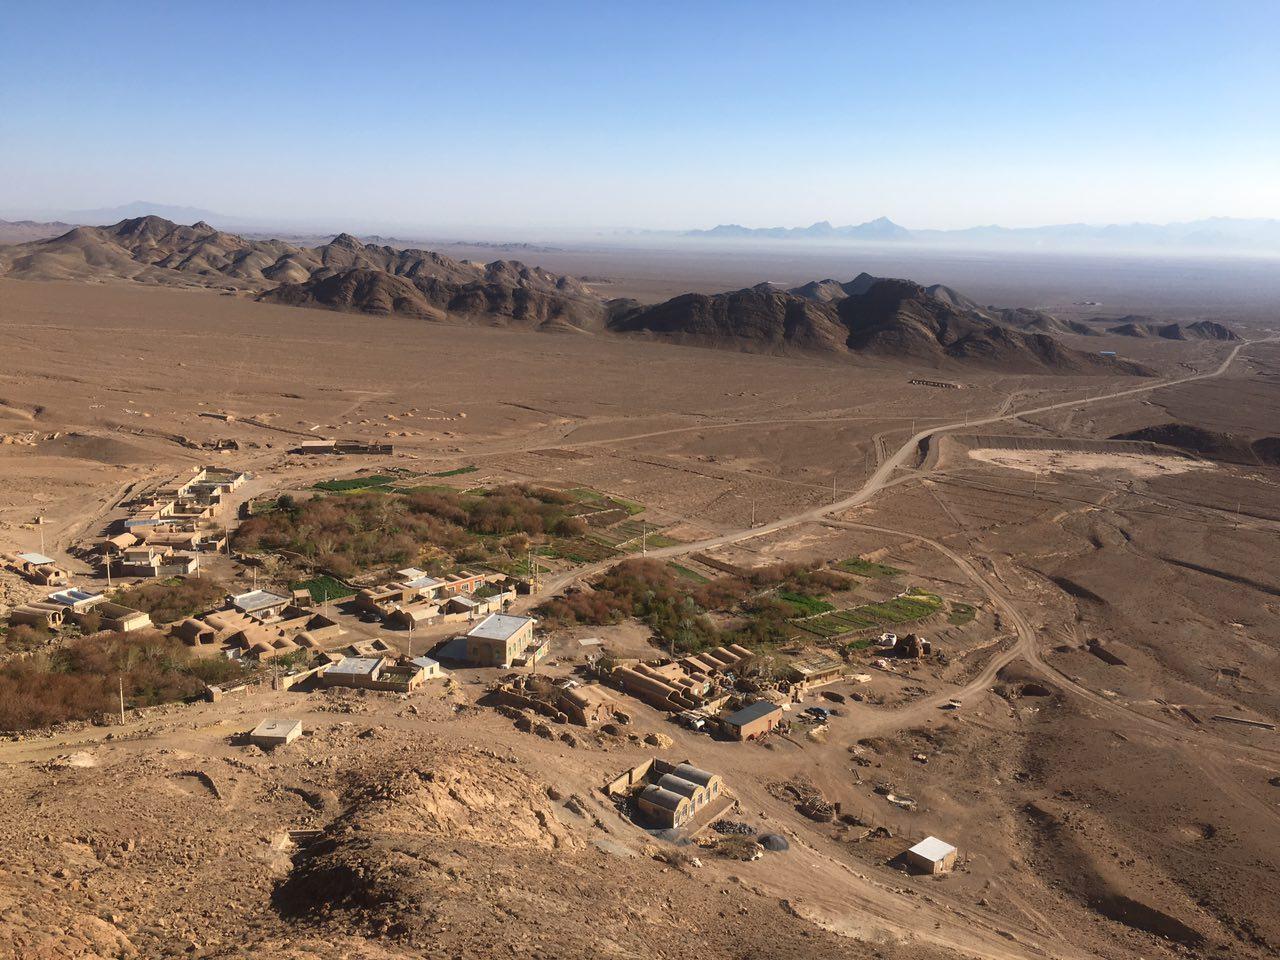 روستای مرور، بیست کیلومتری شهر میبد